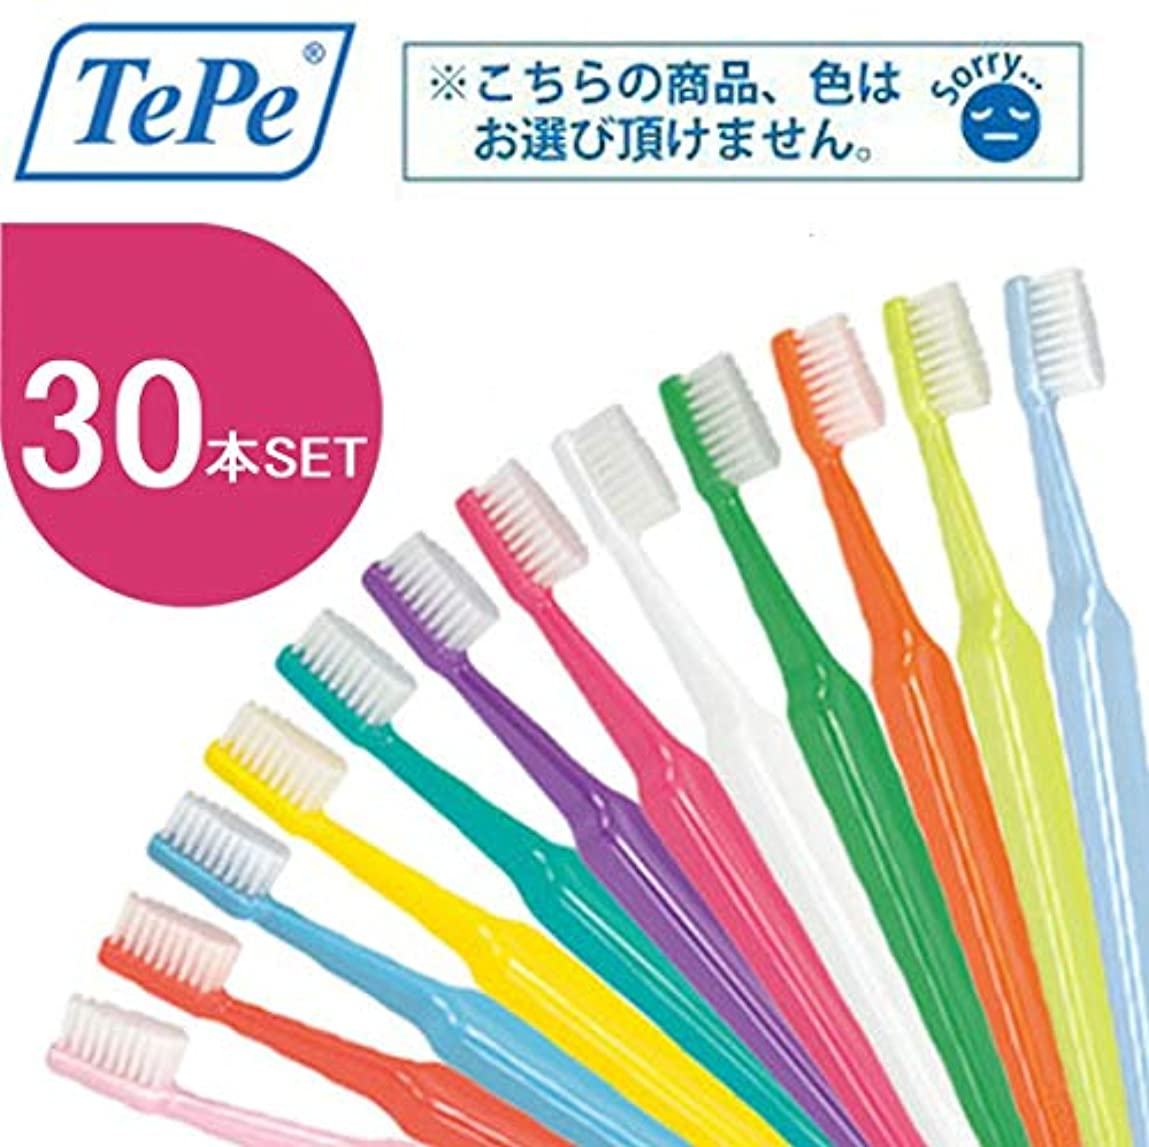 すべき一目復活するクロスフィールド TePe テペ セレクト 歯ブラシ 30本 (ミディアム)